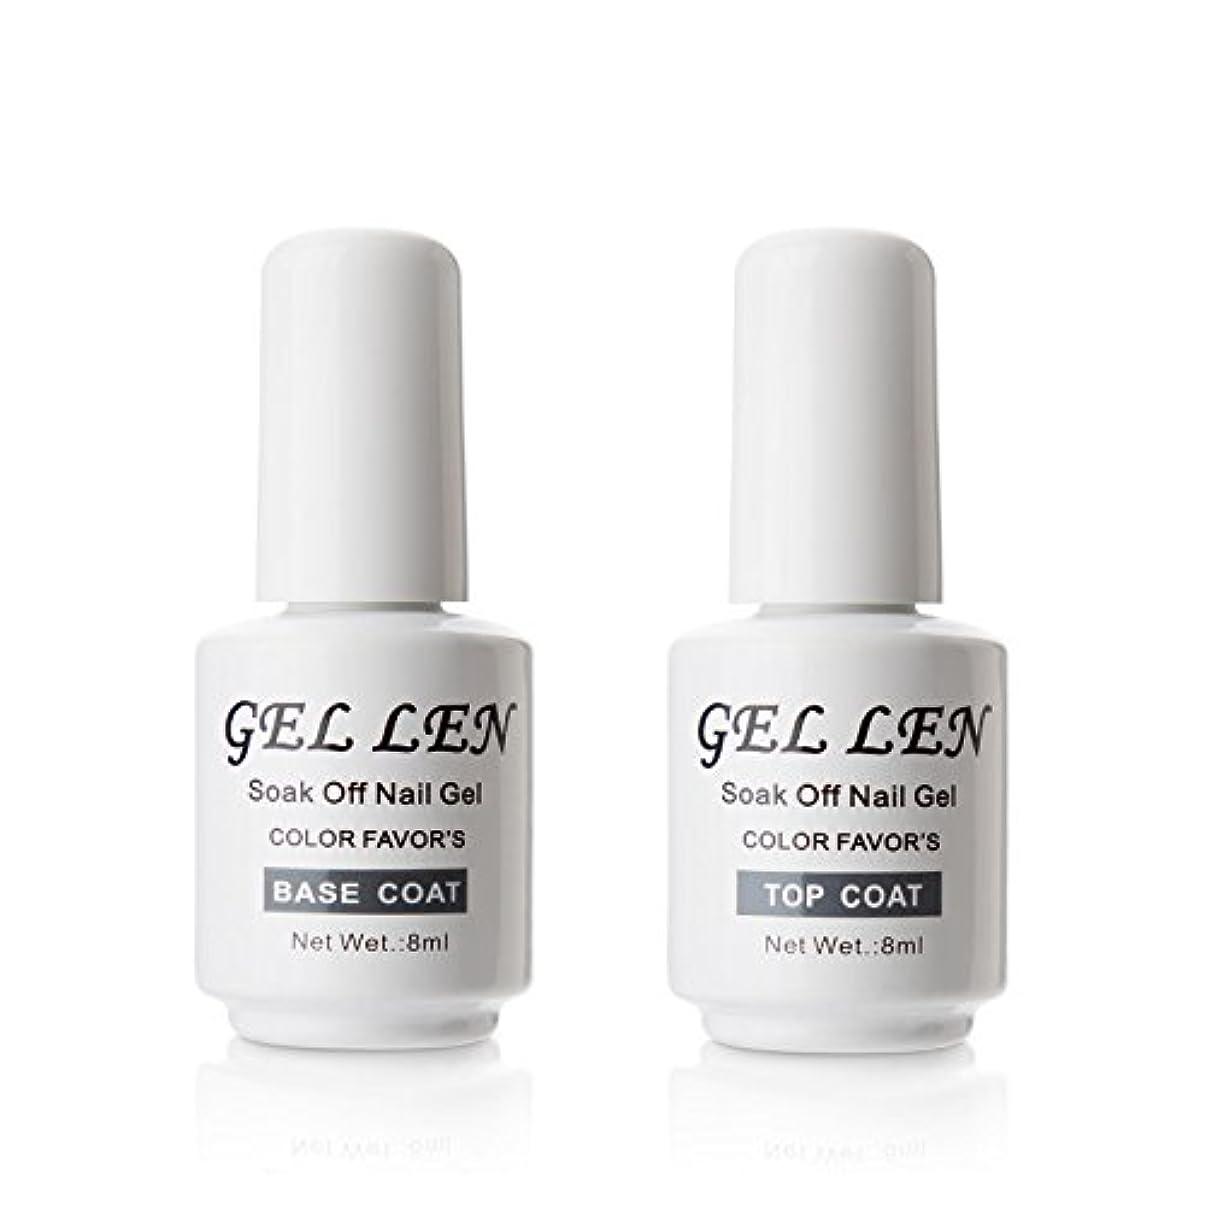 形状主張労働Gellen ジェルネイル UV LED ベースコート&トップコート セット 8ml